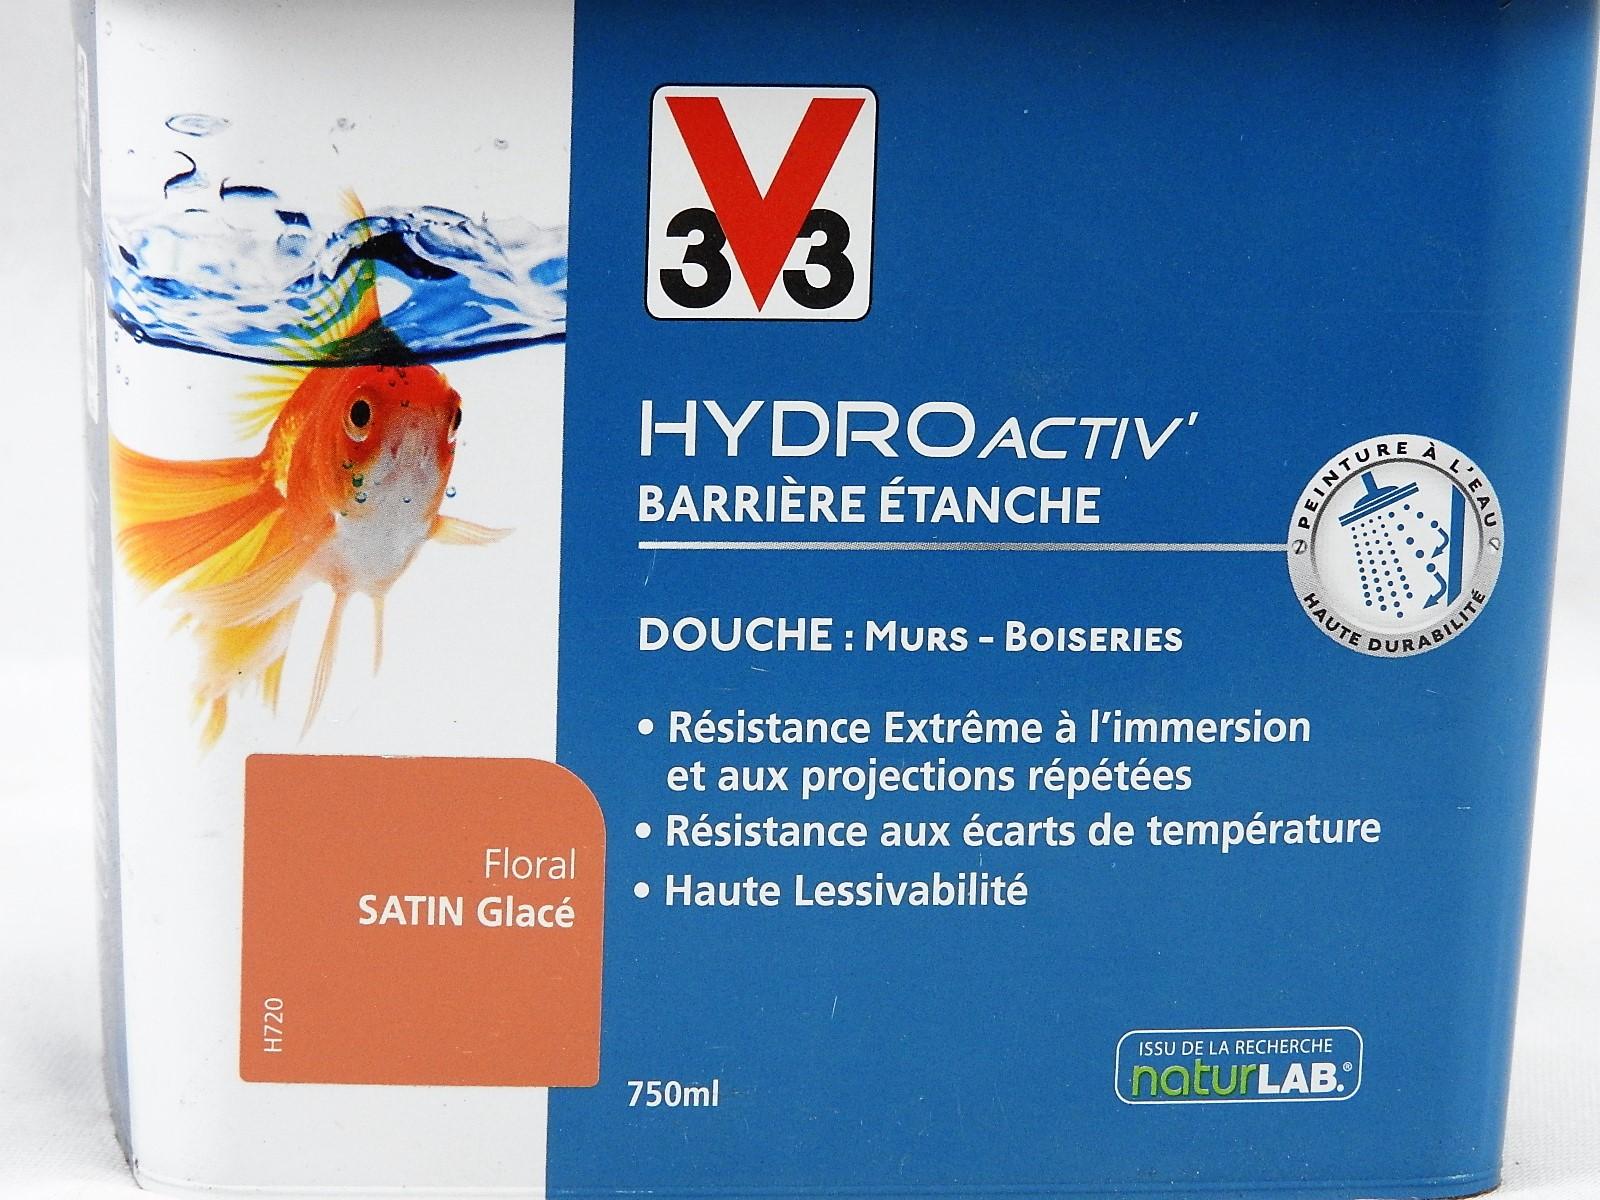 Peinture hydroactiv v33 best les meilleures ides de la - Peinture hydroactiv v33 ...